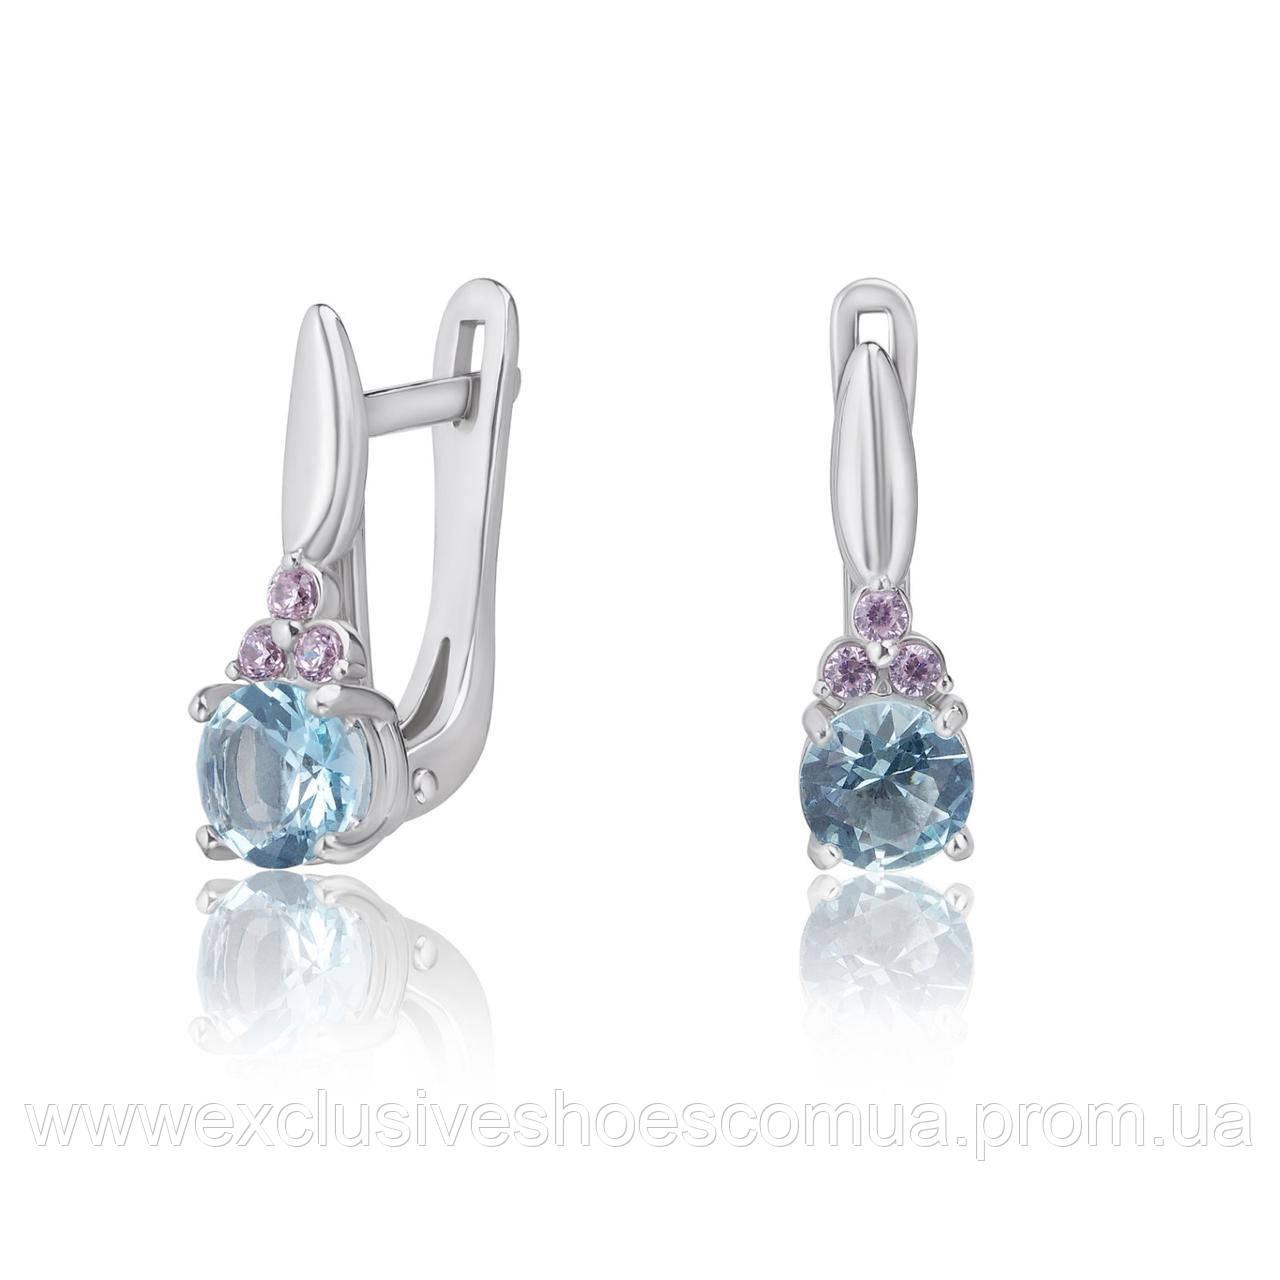 """Серебряные серьги с фианитами """"Princess"""", арт-920068 Голубой"""